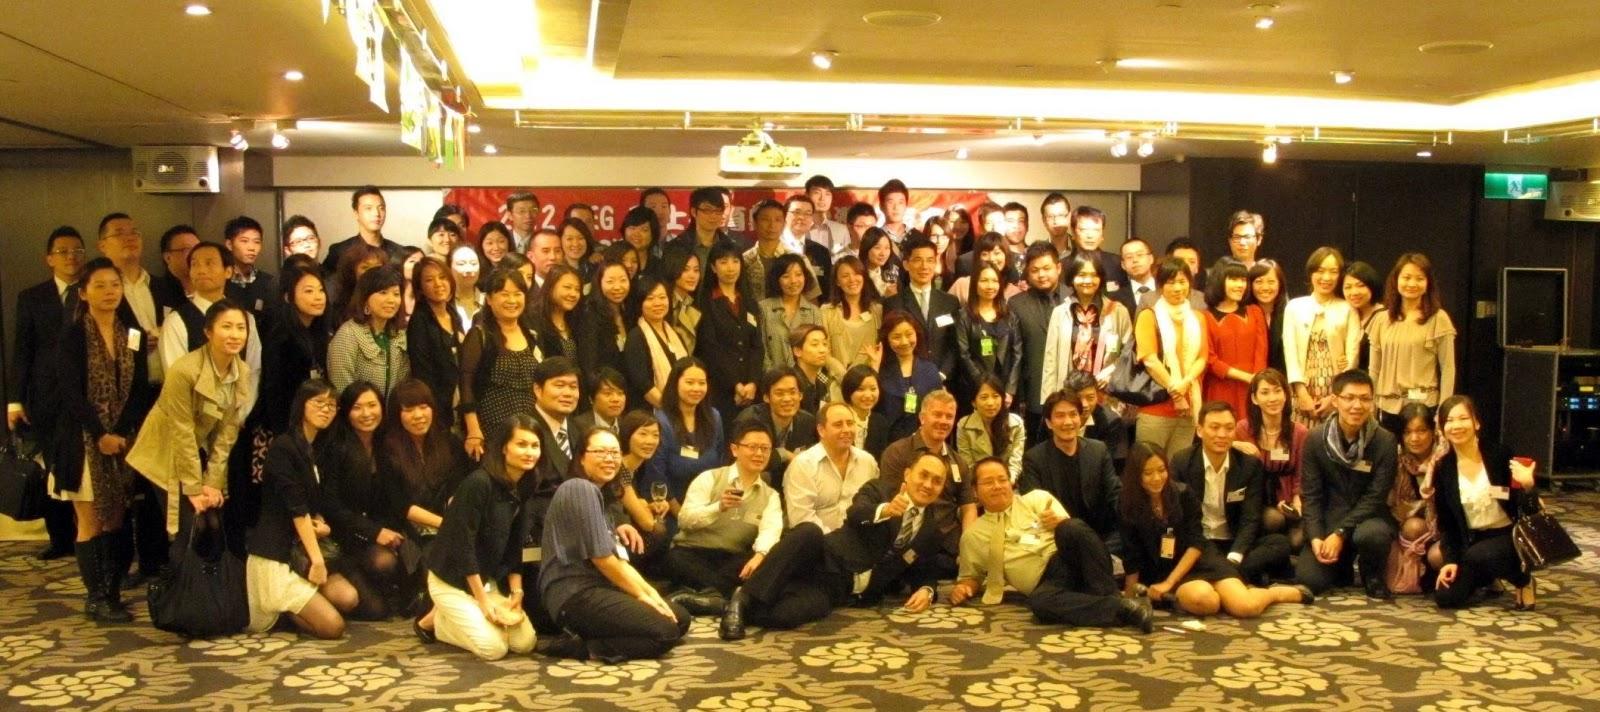 月seg alumni-1 2012年10